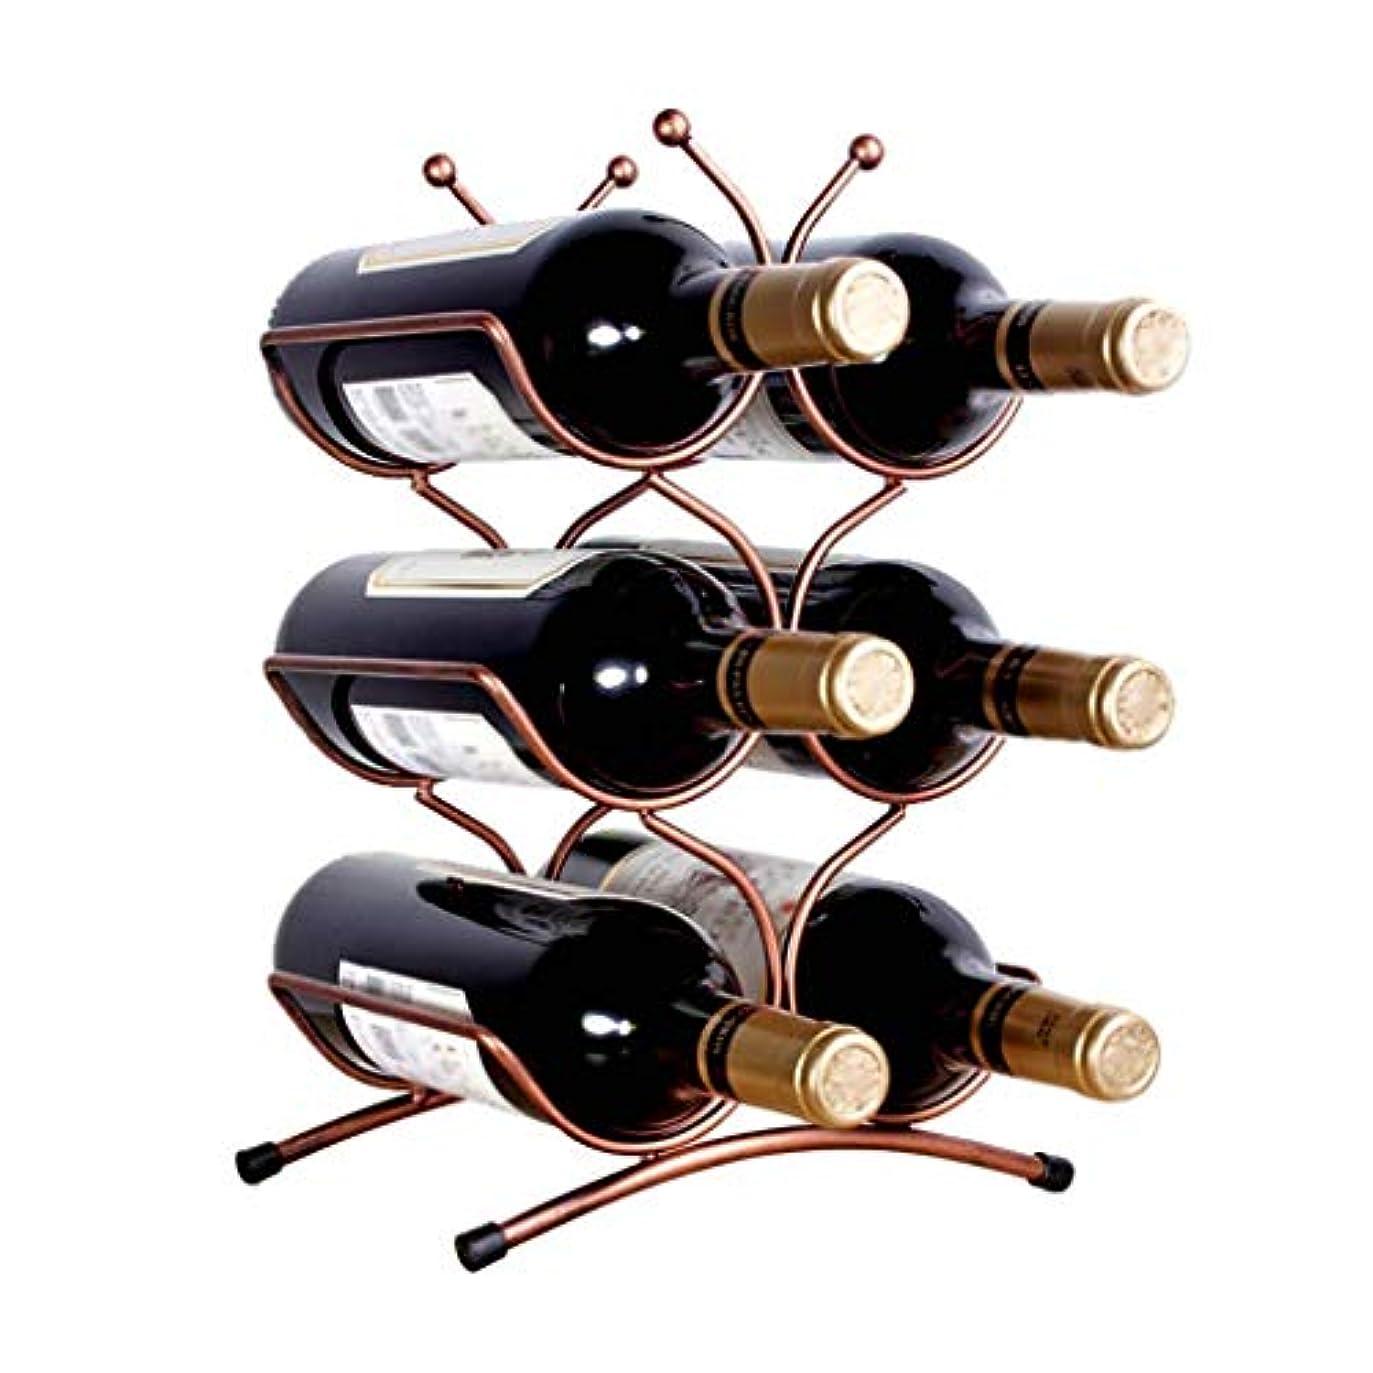 輝度湖マーティフィールディングWZB自立カウンタートップワインラック| Jtogo.jp メタル卓上ワイン収納ラック| Jtogo.jp ウォーターボトルブラケットA +(サイズ:25×16×36cm)